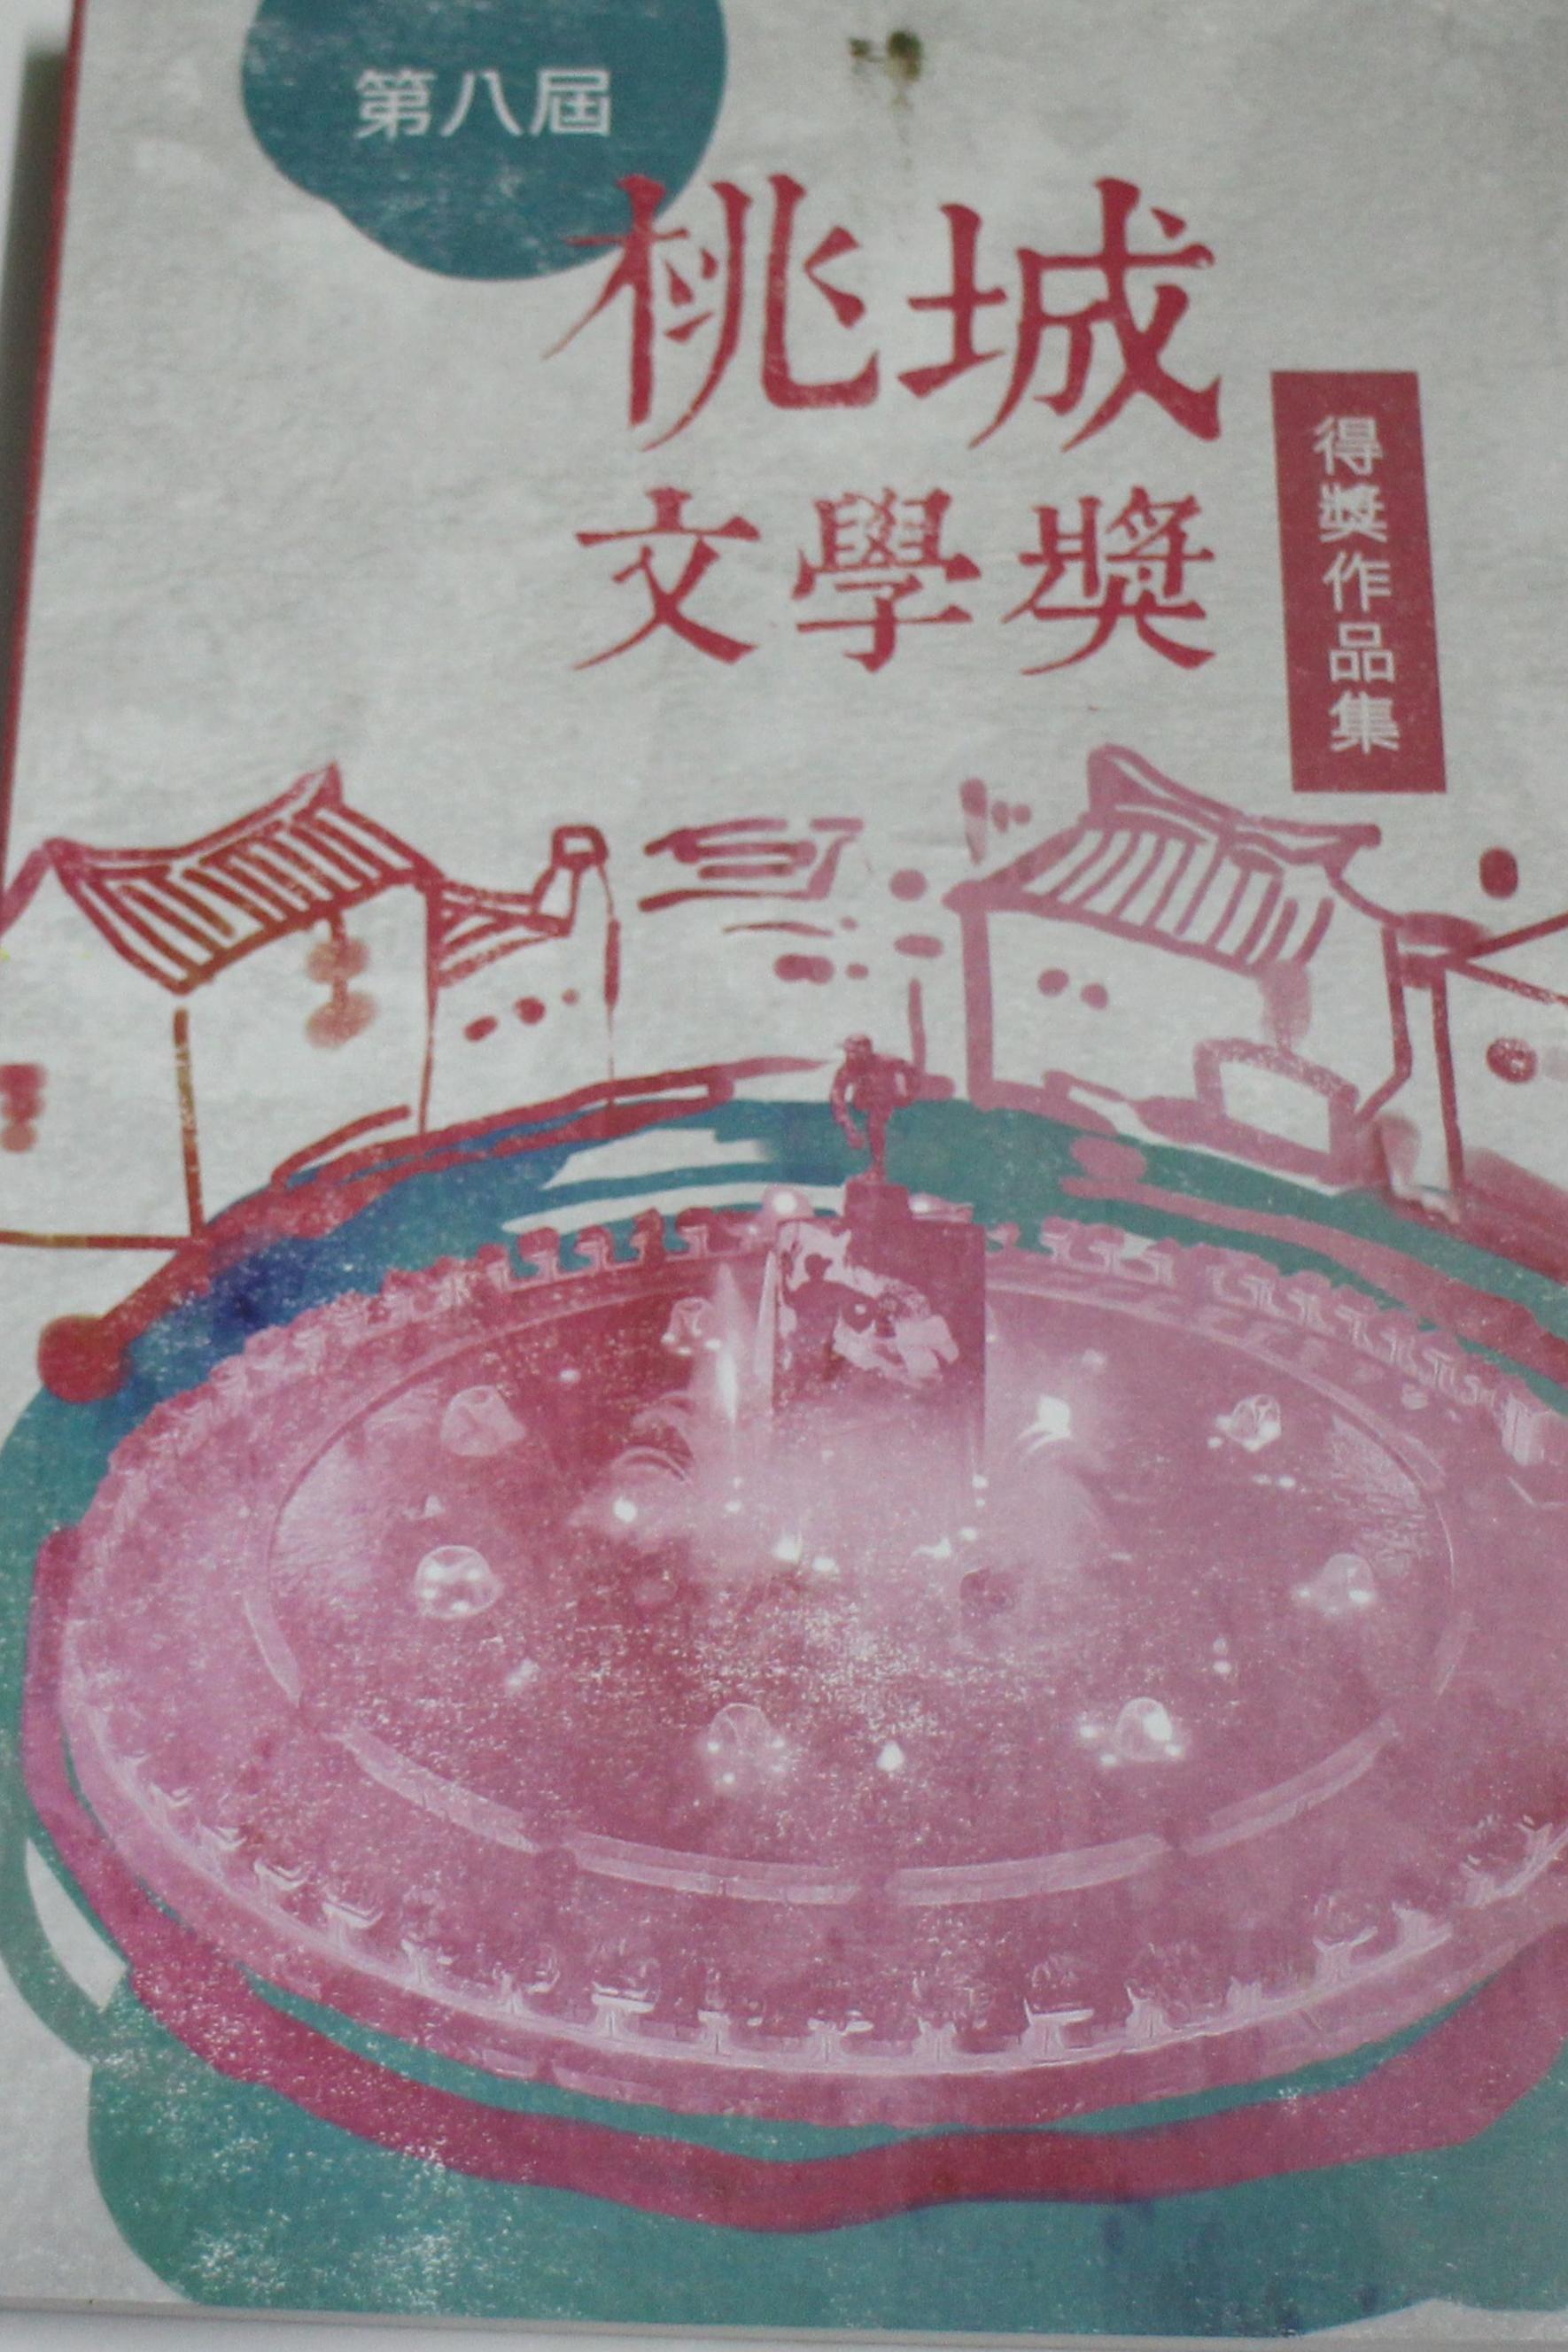 嘉義市政府文化局局長黃文賢說,我們正在書寫嘉義,也正在被嘉義書寫。這些人與城市相互詮釋的痕跡,就銘刻在這本薄薄的《第八屆桃城文學獎作品集》裡,成為後人翻閱的城市風景。(李擷瓔/大紀元)